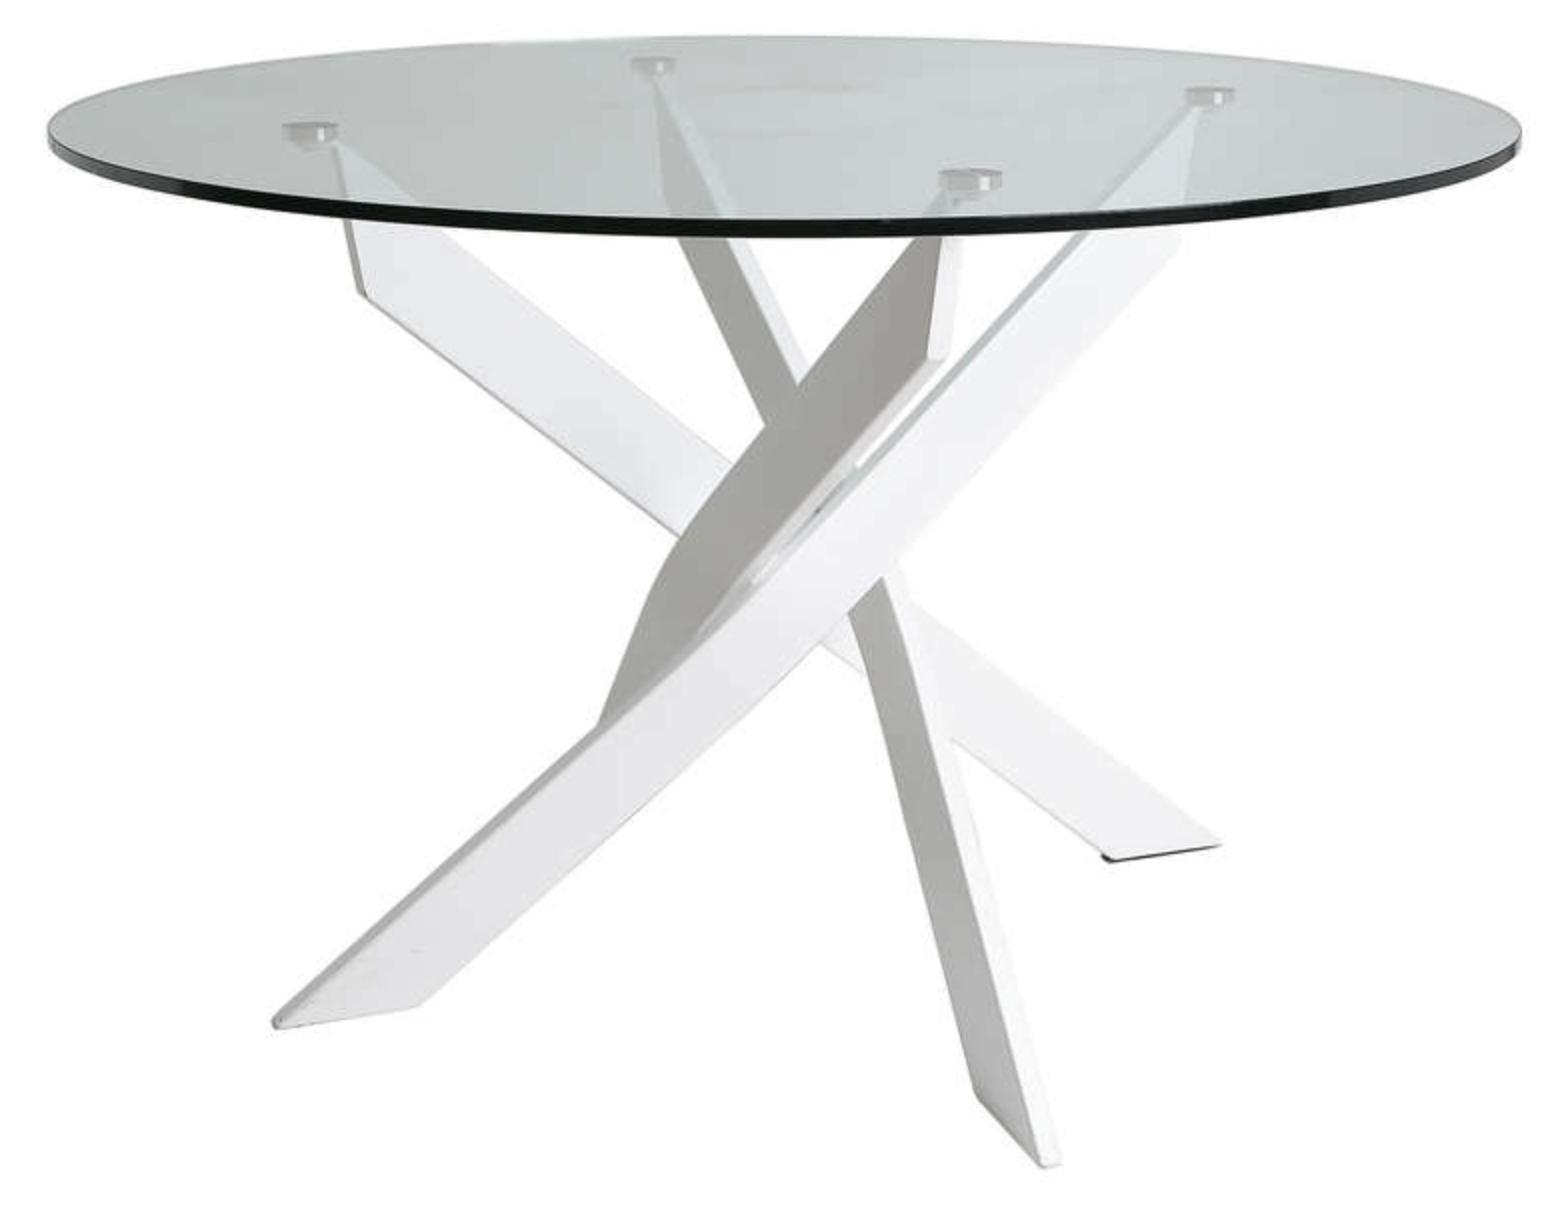 table ronde acier blanc et verre tremp kany 140. Black Bedroom Furniture Sets. Home Design Ideas